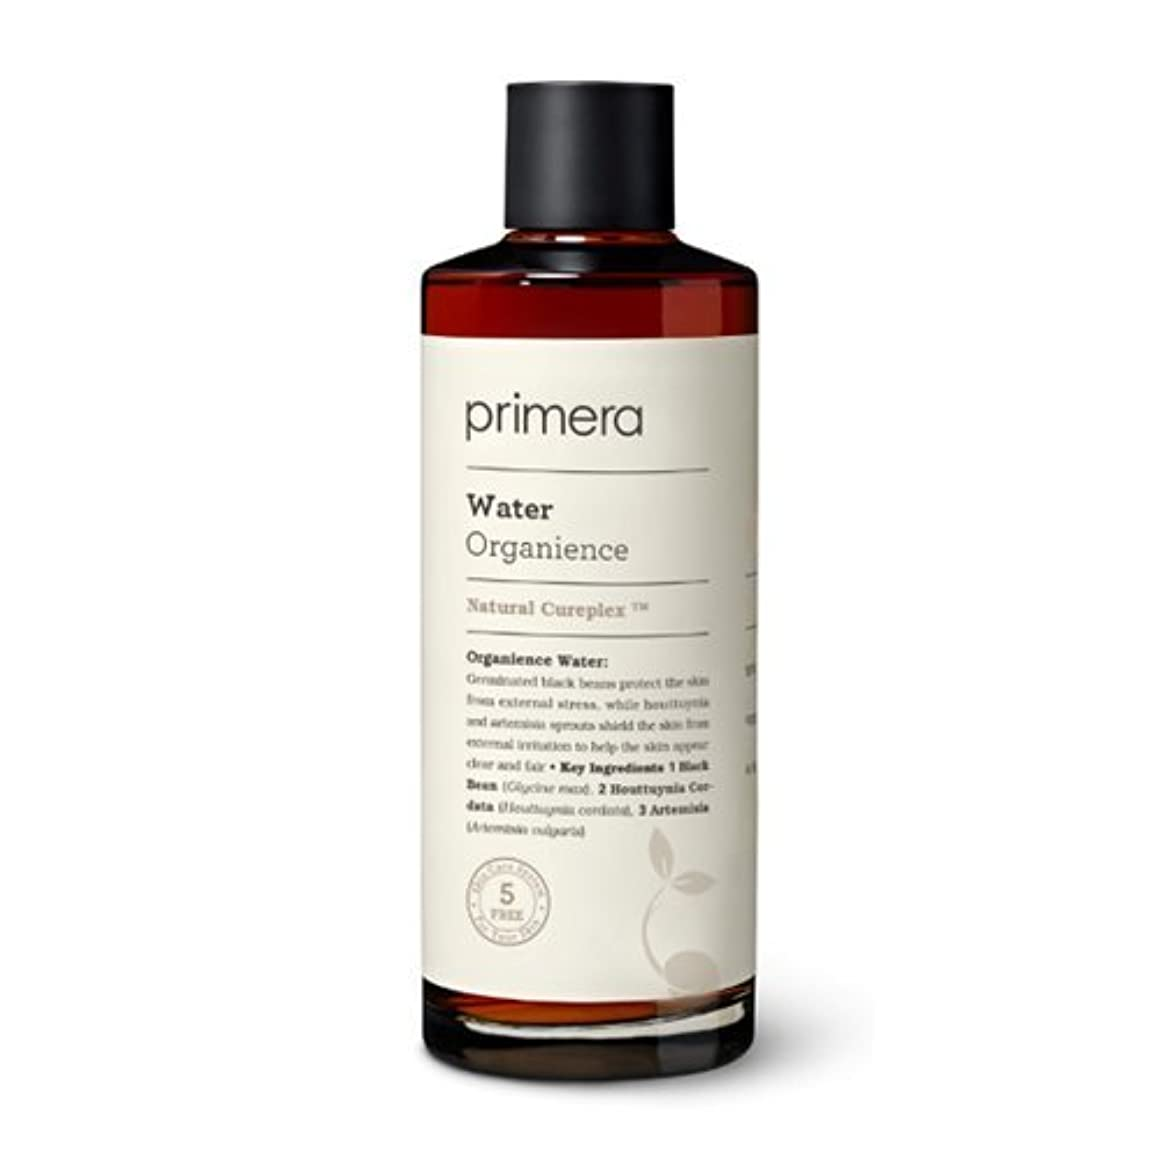 腰厚い傷跡Primera Technology [プリメーラ]Organience 水 180 Ml [並行輸入品]